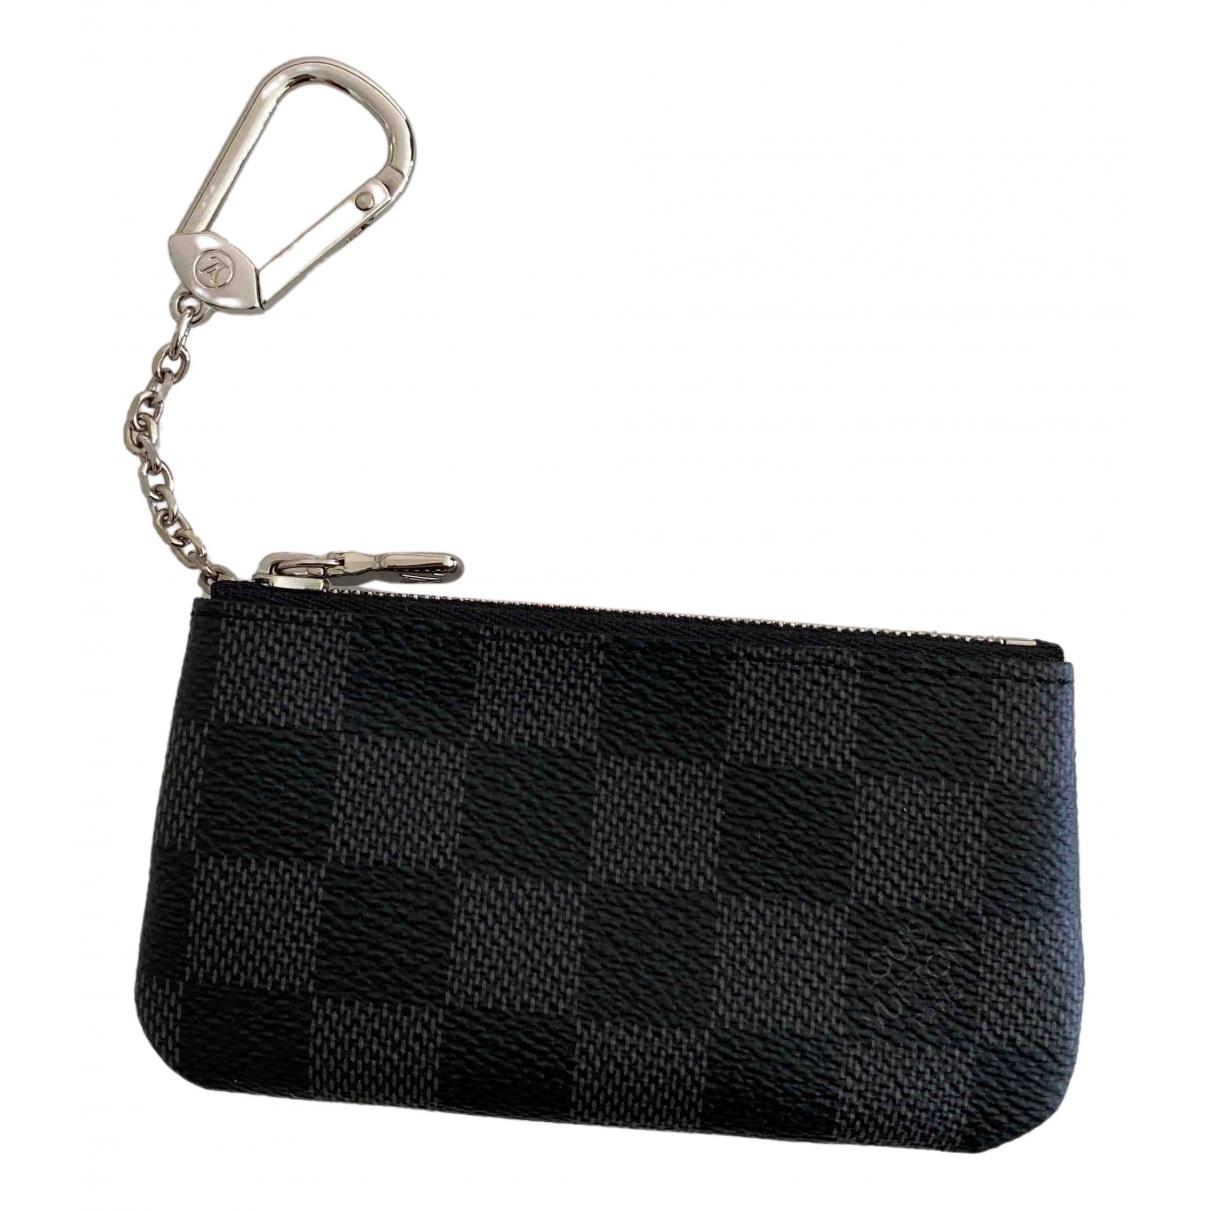 Louis Vuitton Key Pouch Kleinlederwaren in  Schwarz Leinen